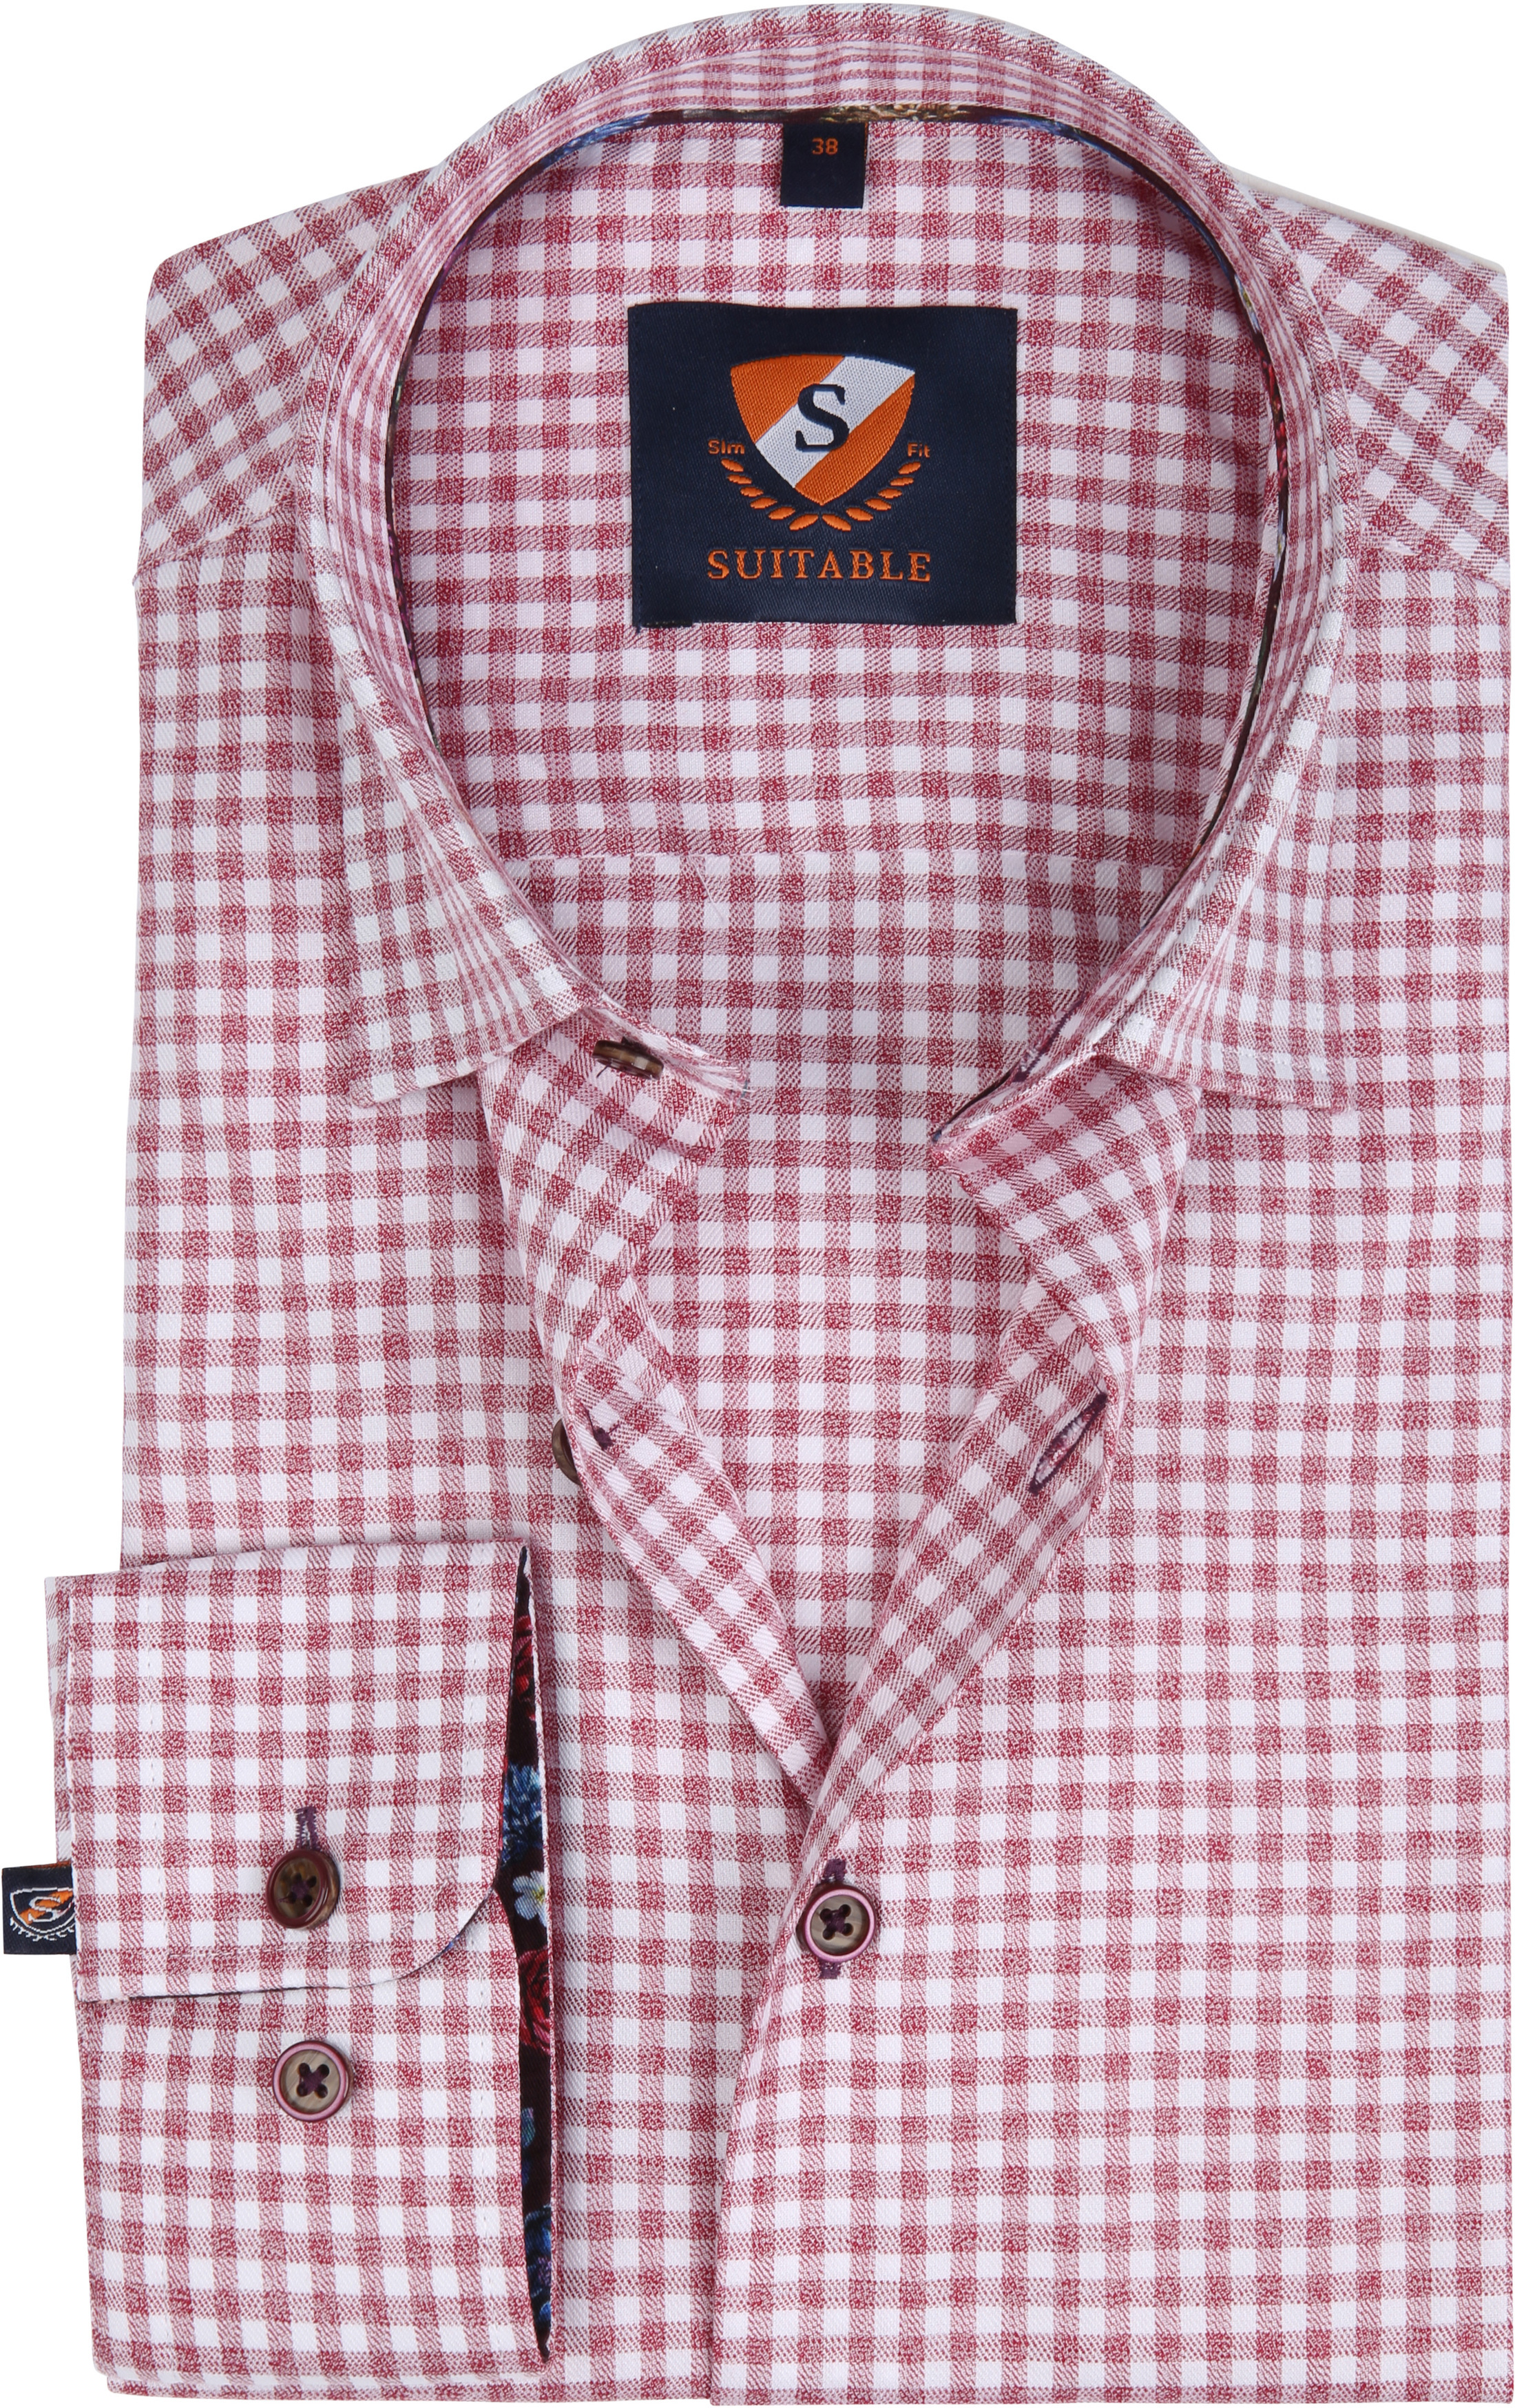 Suitable Overhemd HBD Bordeaux Checks foto 0